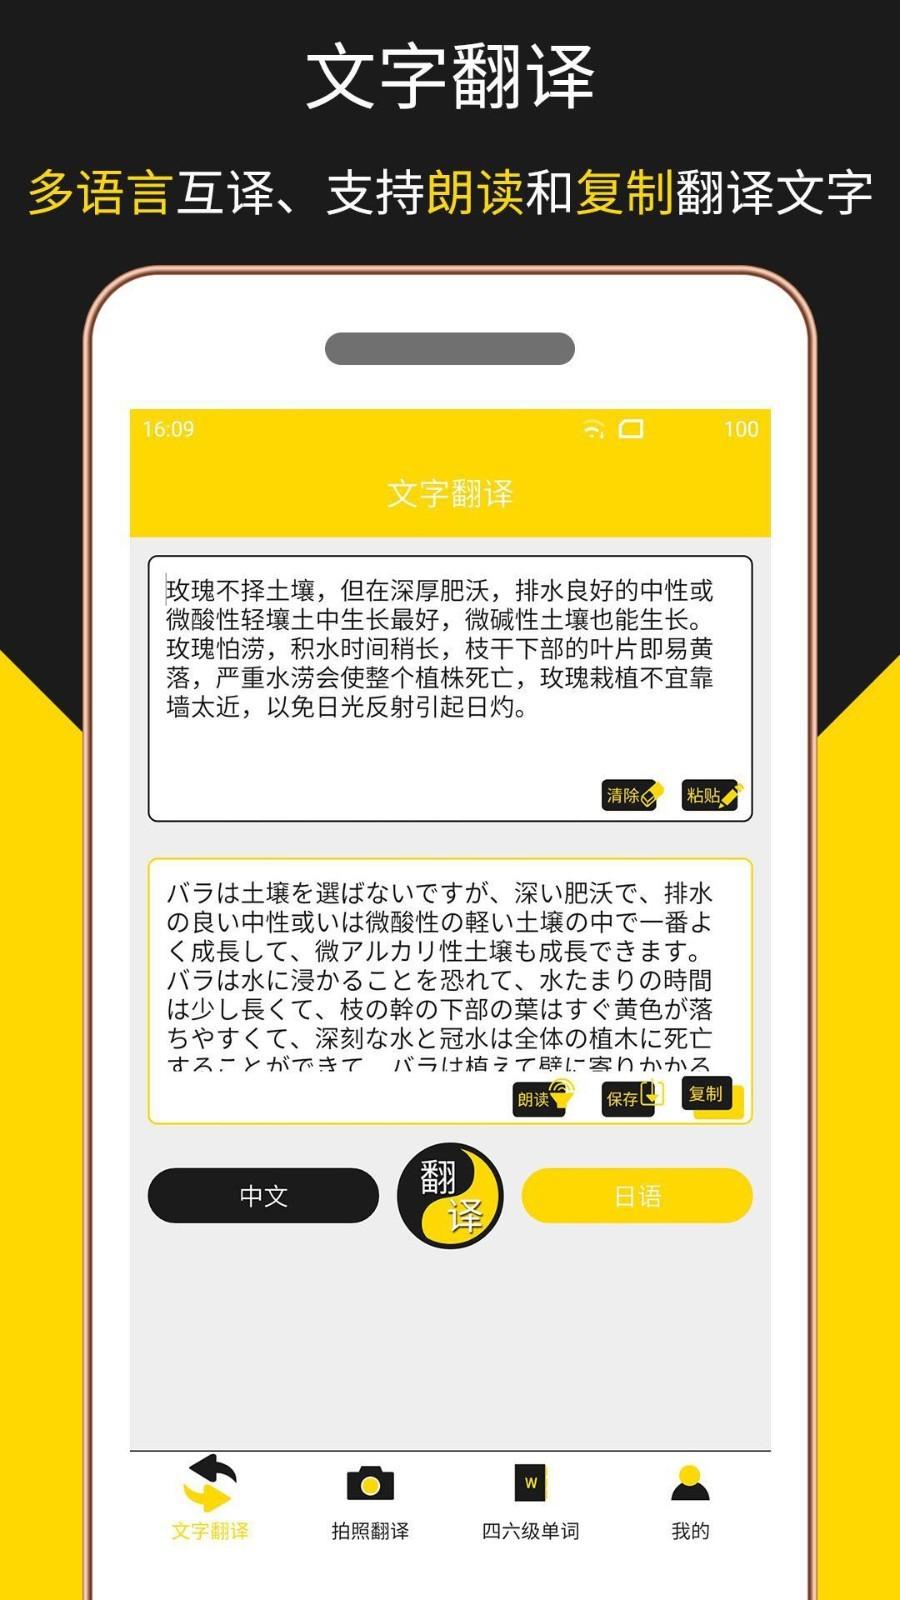 多语言拍照翻译 V1.1.5 安卓版截图5